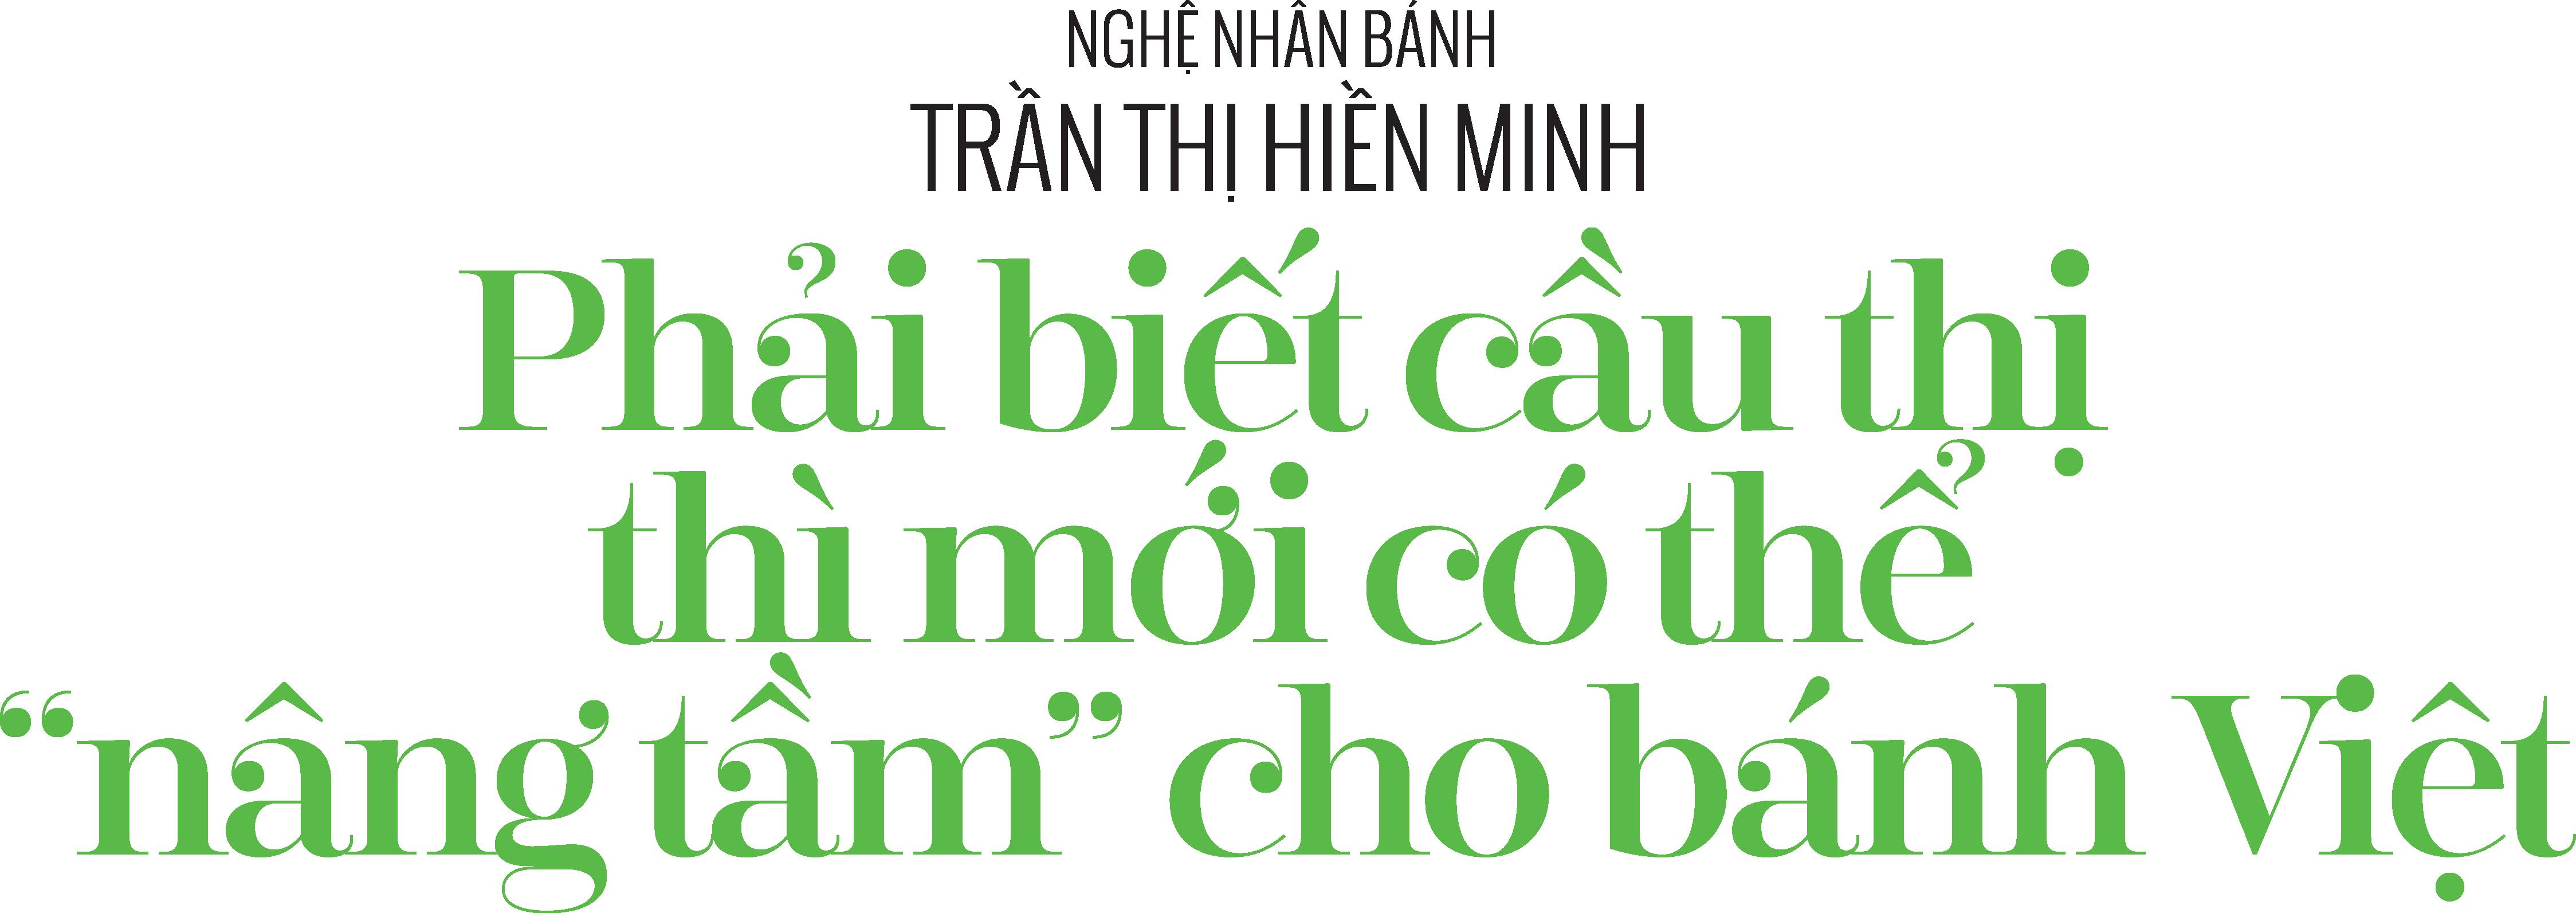 """Nghệ nhân bánh Trần Thị Hiền Minh: Phải biết cầu thị thì mới có thể """"nâng tầm"""" cho bánh Việt -30"""